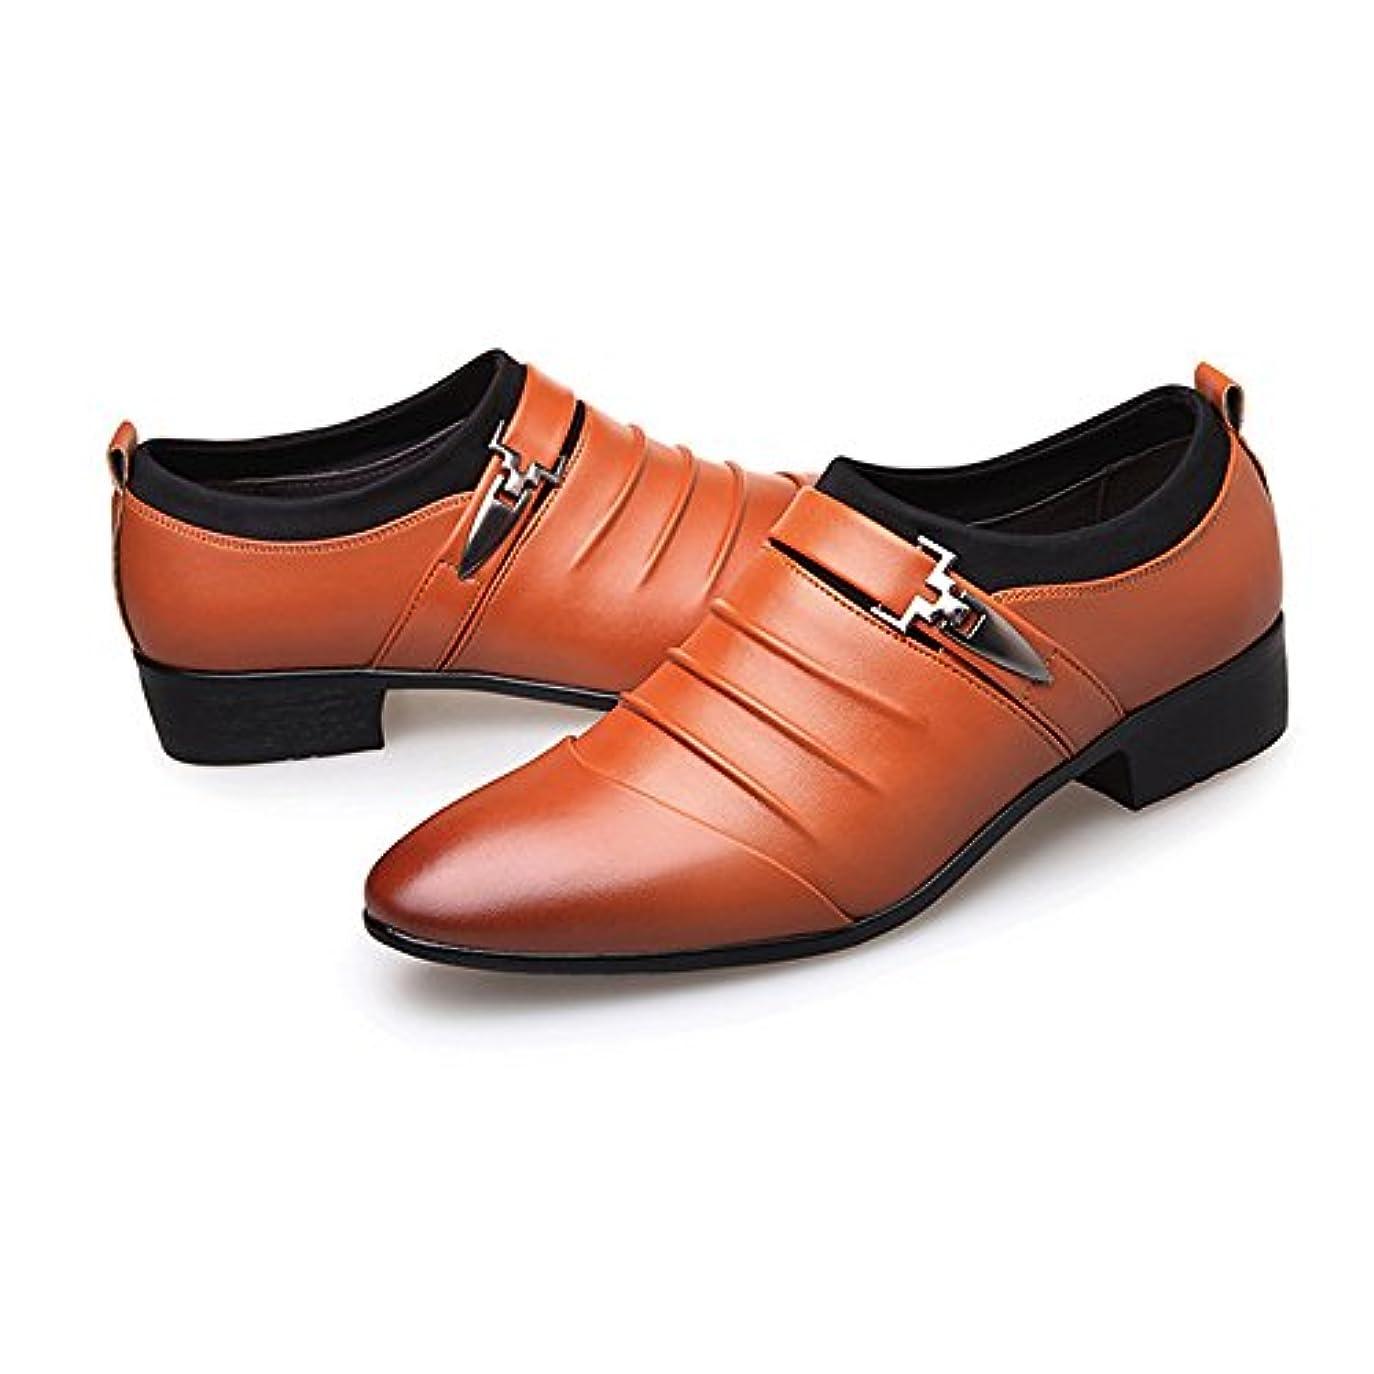 やがてフランクワースリー遠近法革靴 メンズ ビジネスシューズ スムースPUレザー スプライス スリッポン 通気のライニング  オックスフォードシューズ  紳士靴 カジュアル